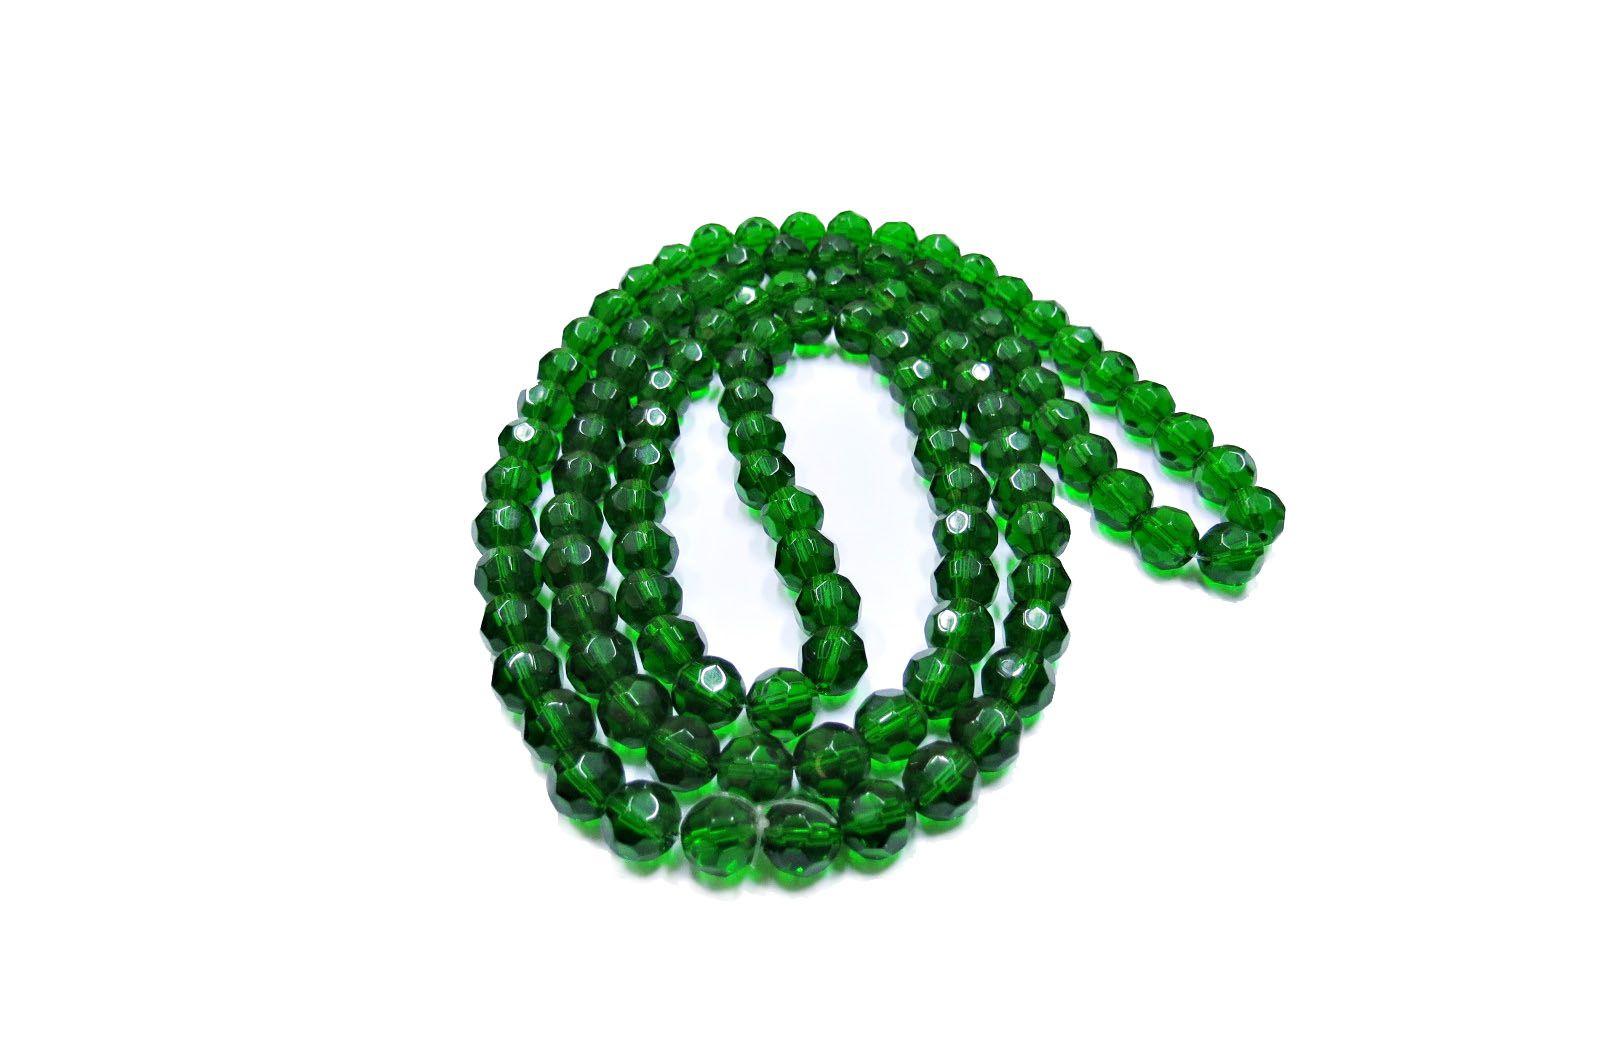 Verde Transparente Redondo (10 mm)